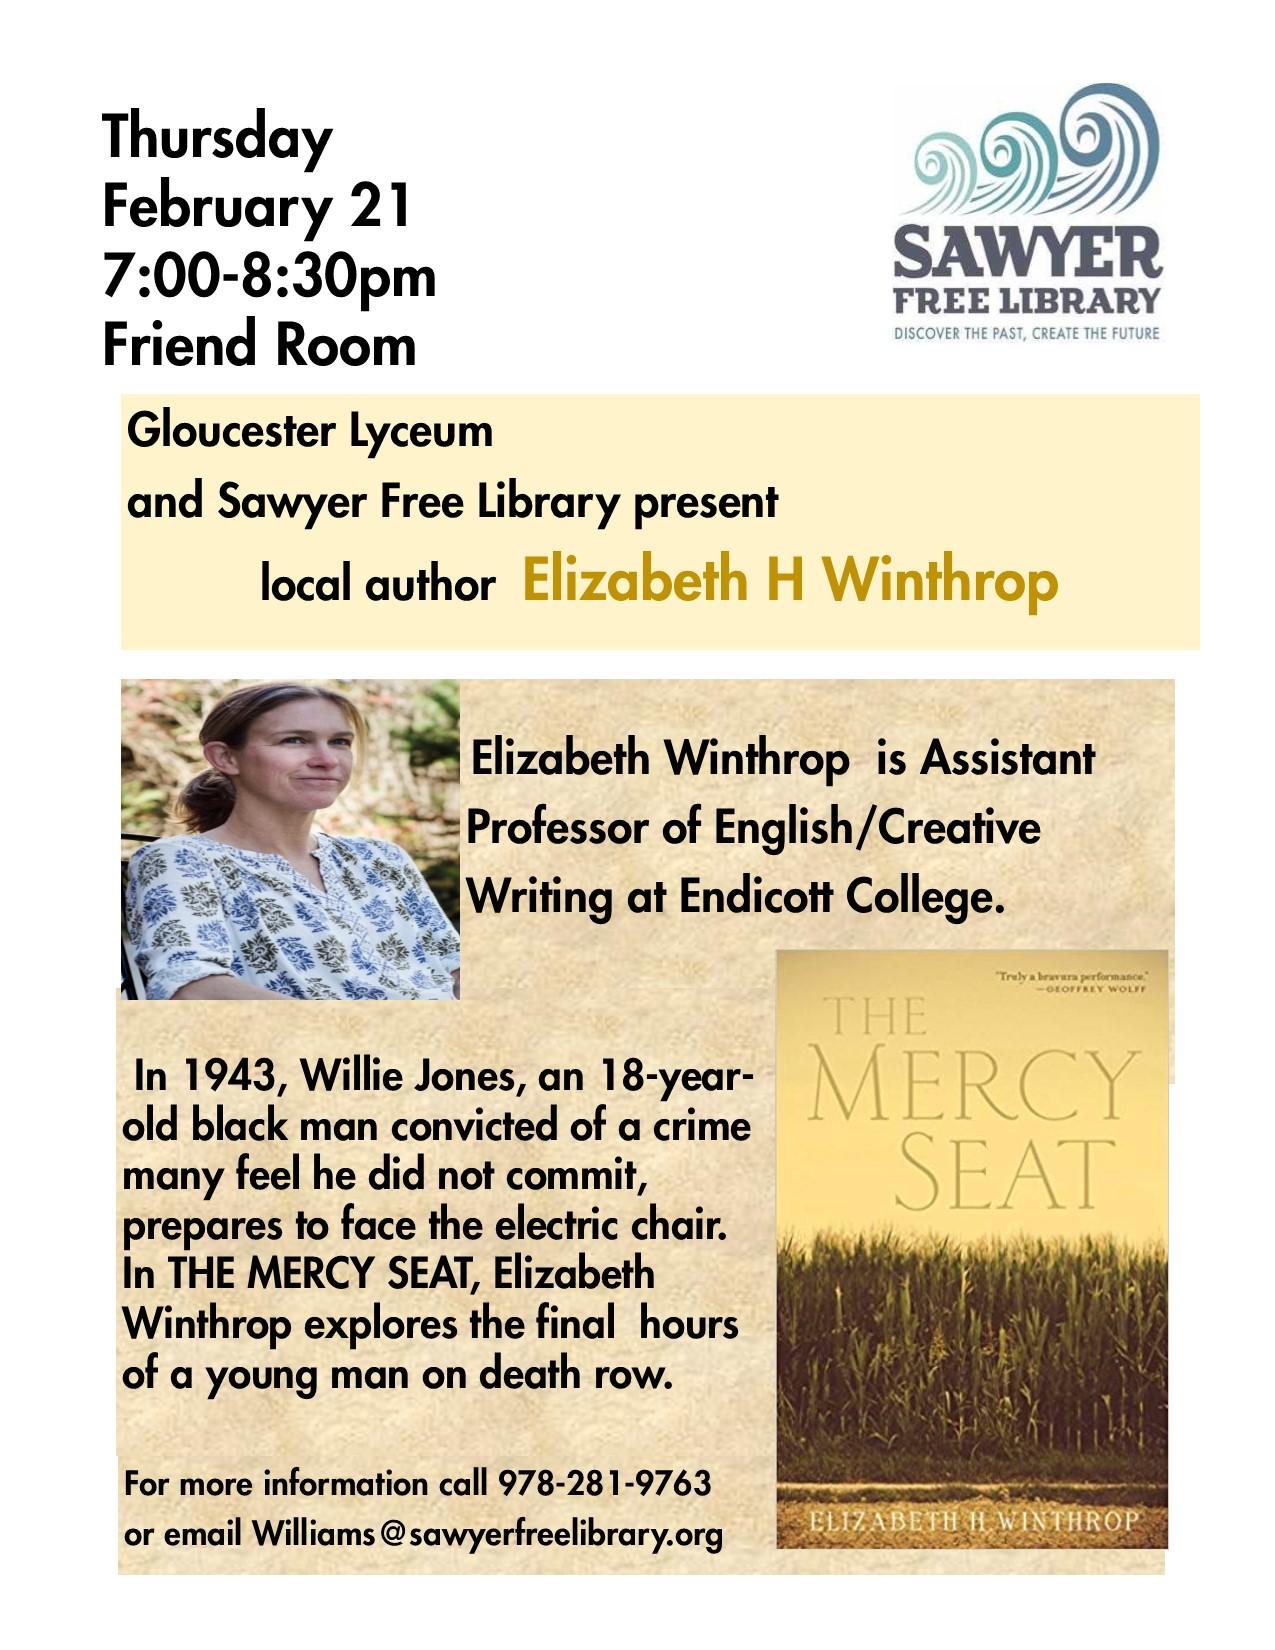 Elizabeth Winthropuse